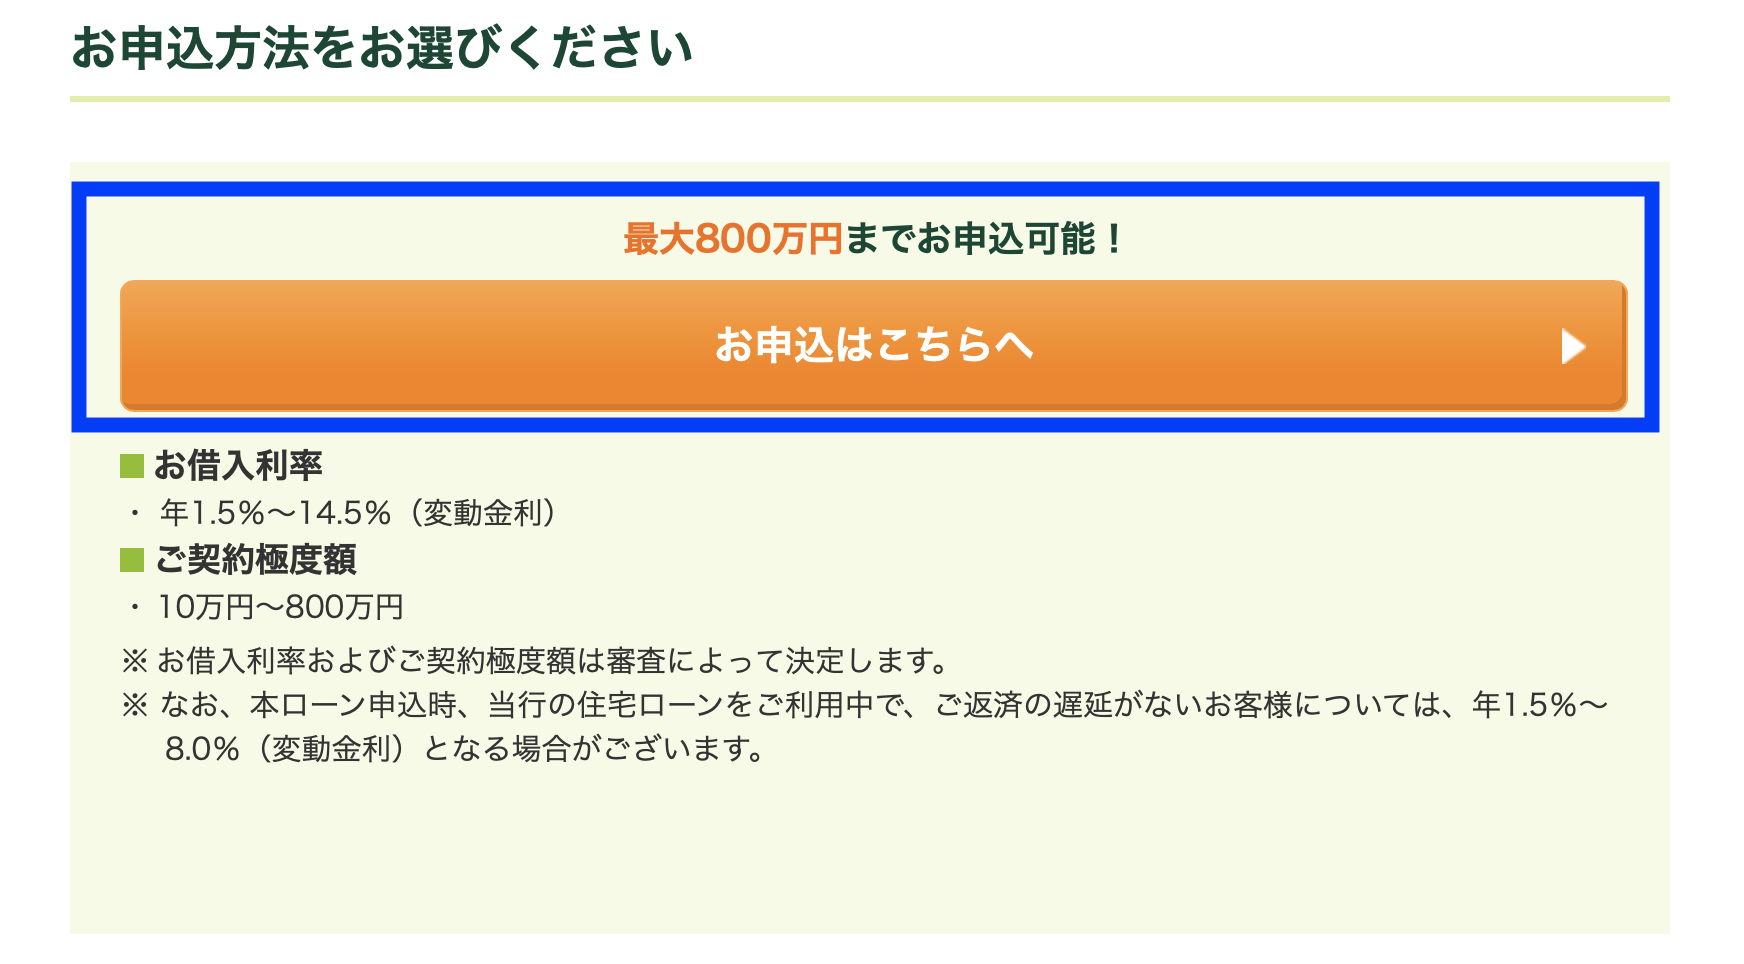 三井住友銀行カードローンの申込みページキャプチャ